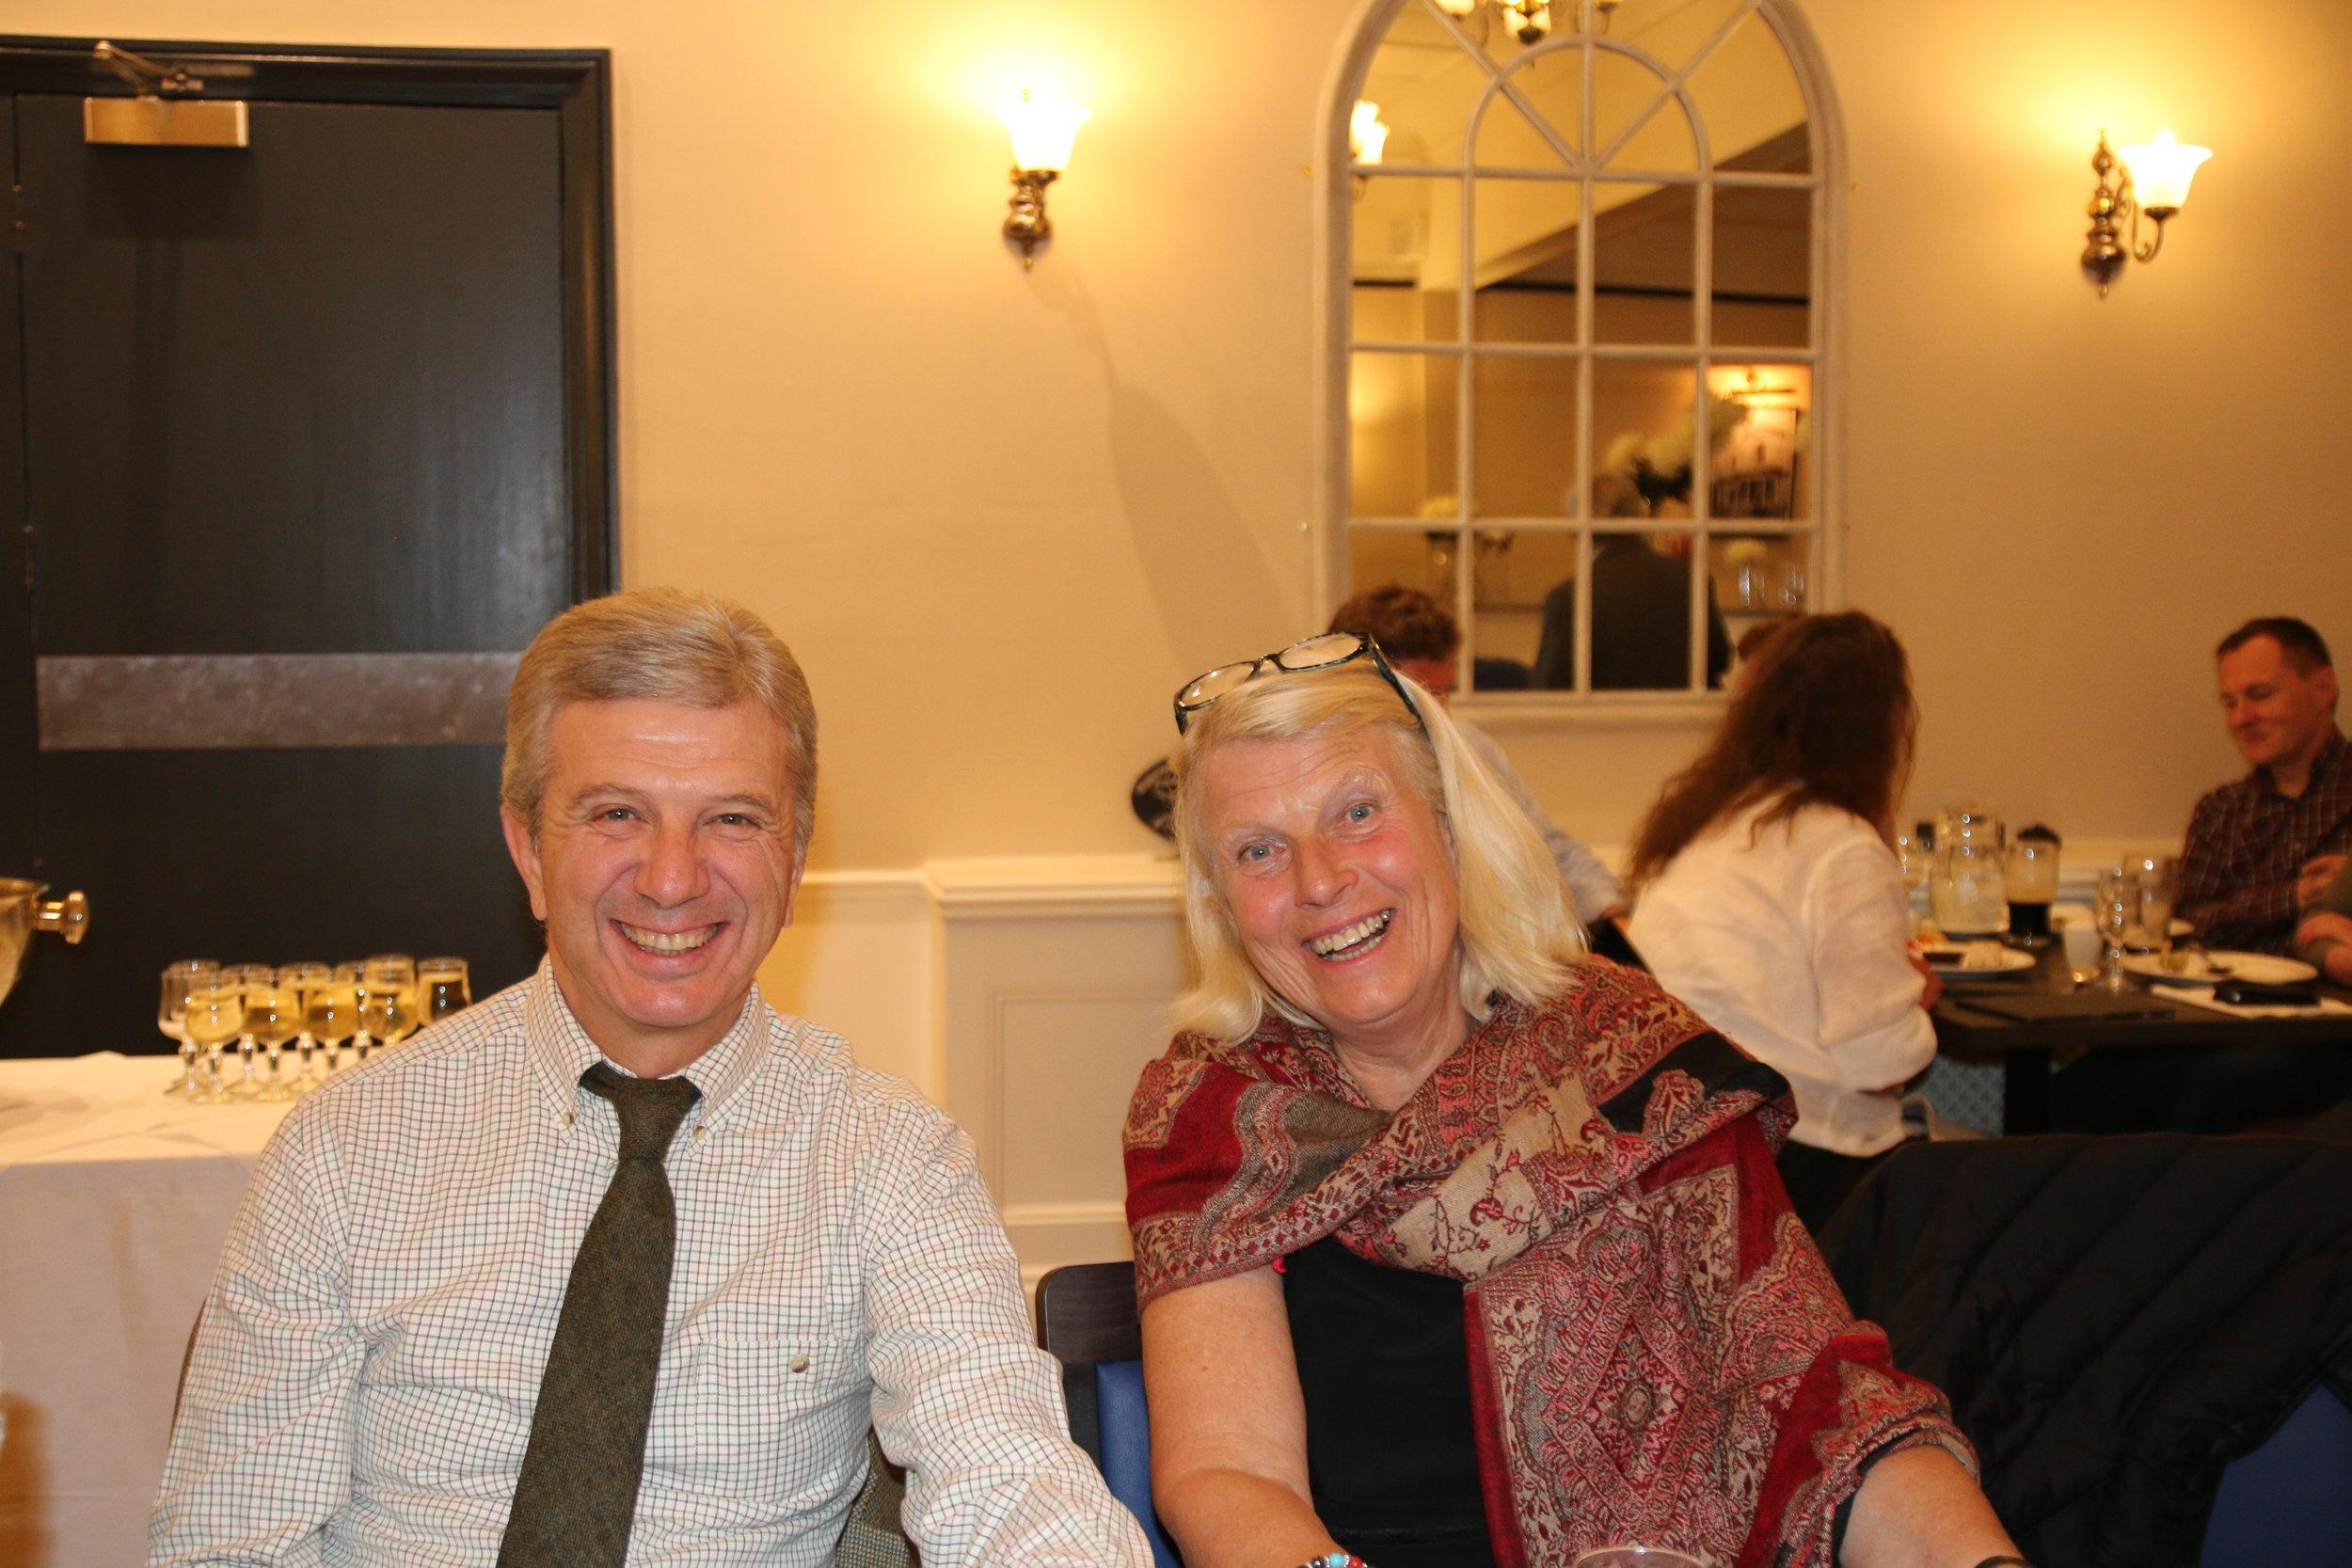 Kristin Jameson e il Segretario IIRSC Cesare Maurizio Valvo si godono la serata dopo un Field Trial